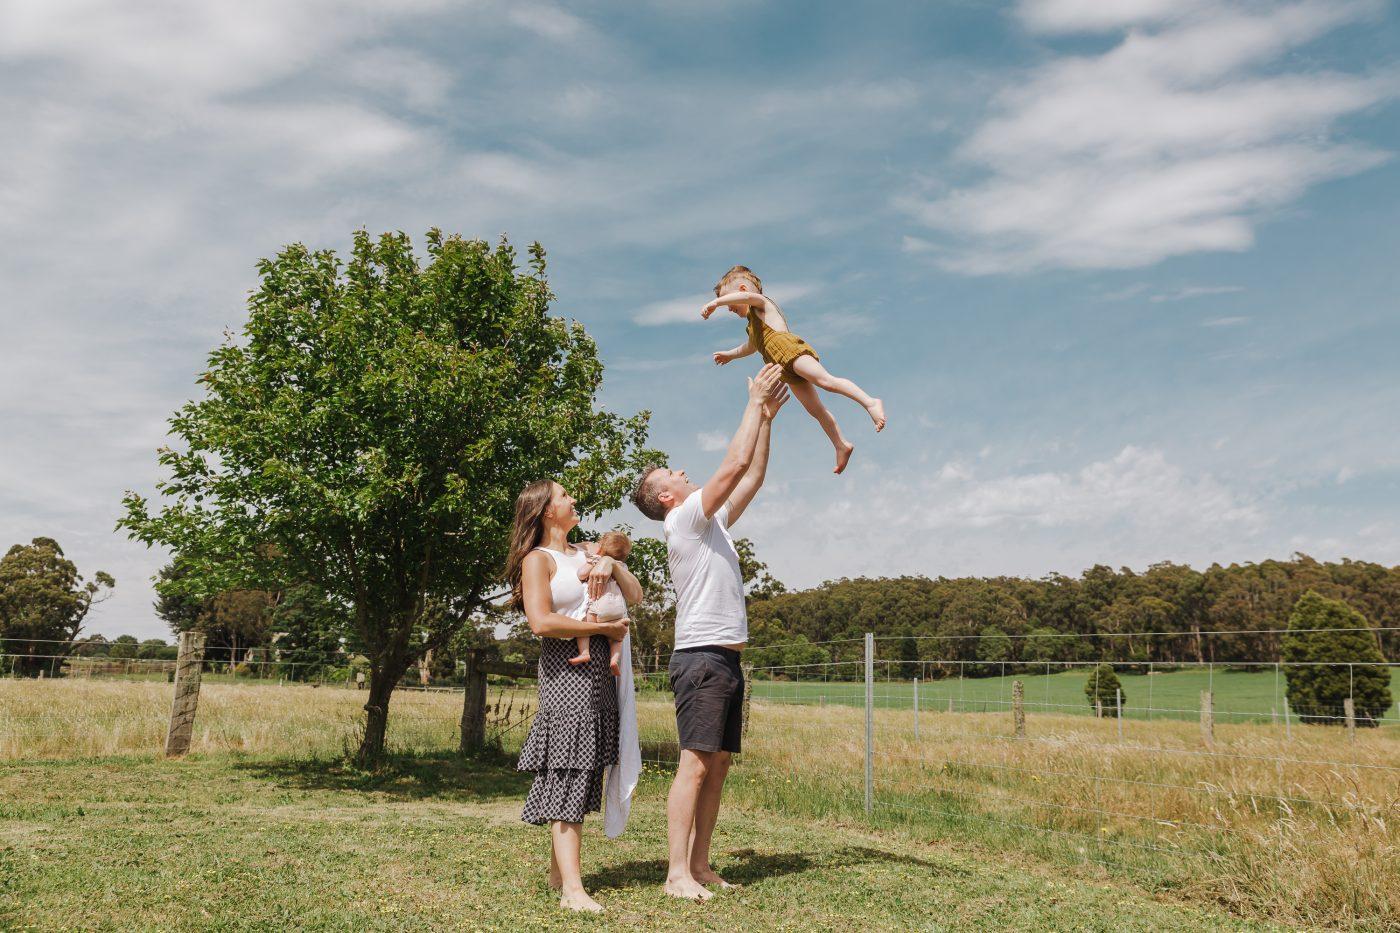 Photoshoot-Families-StewardFamily